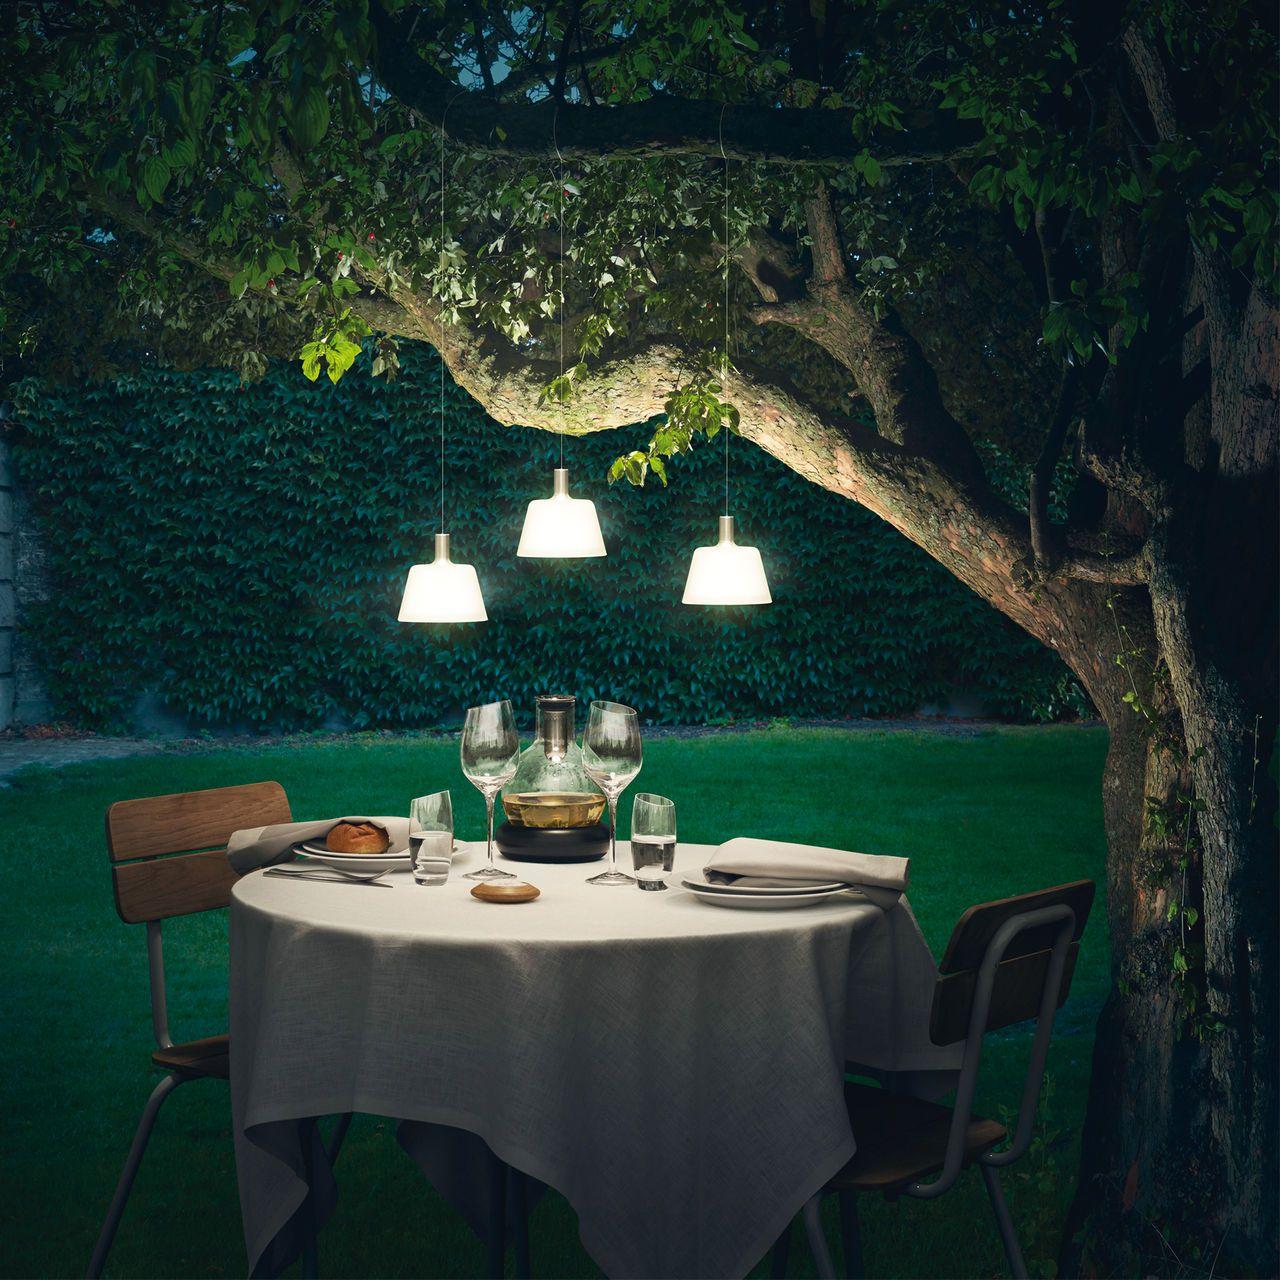 Romantisches dinnner im garten mit den solar leuchten von eva solo garten pinterest - Solarlampen garten kugel ...